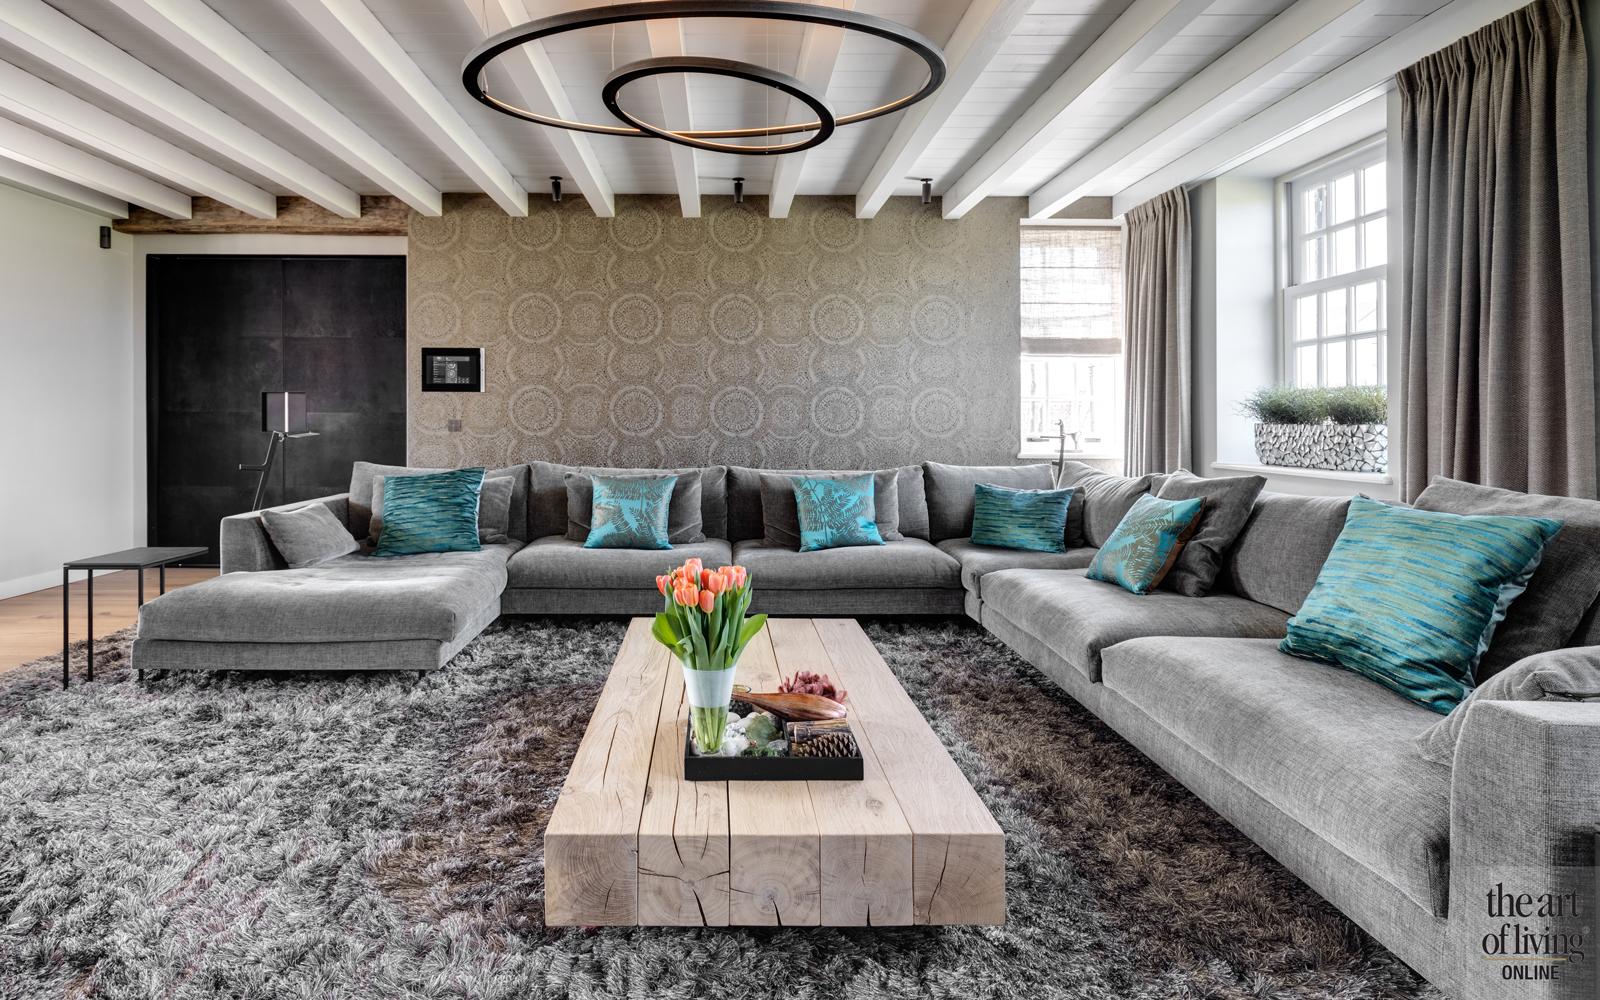 Boerderijvilla   Drijvers Architecten, the art of living